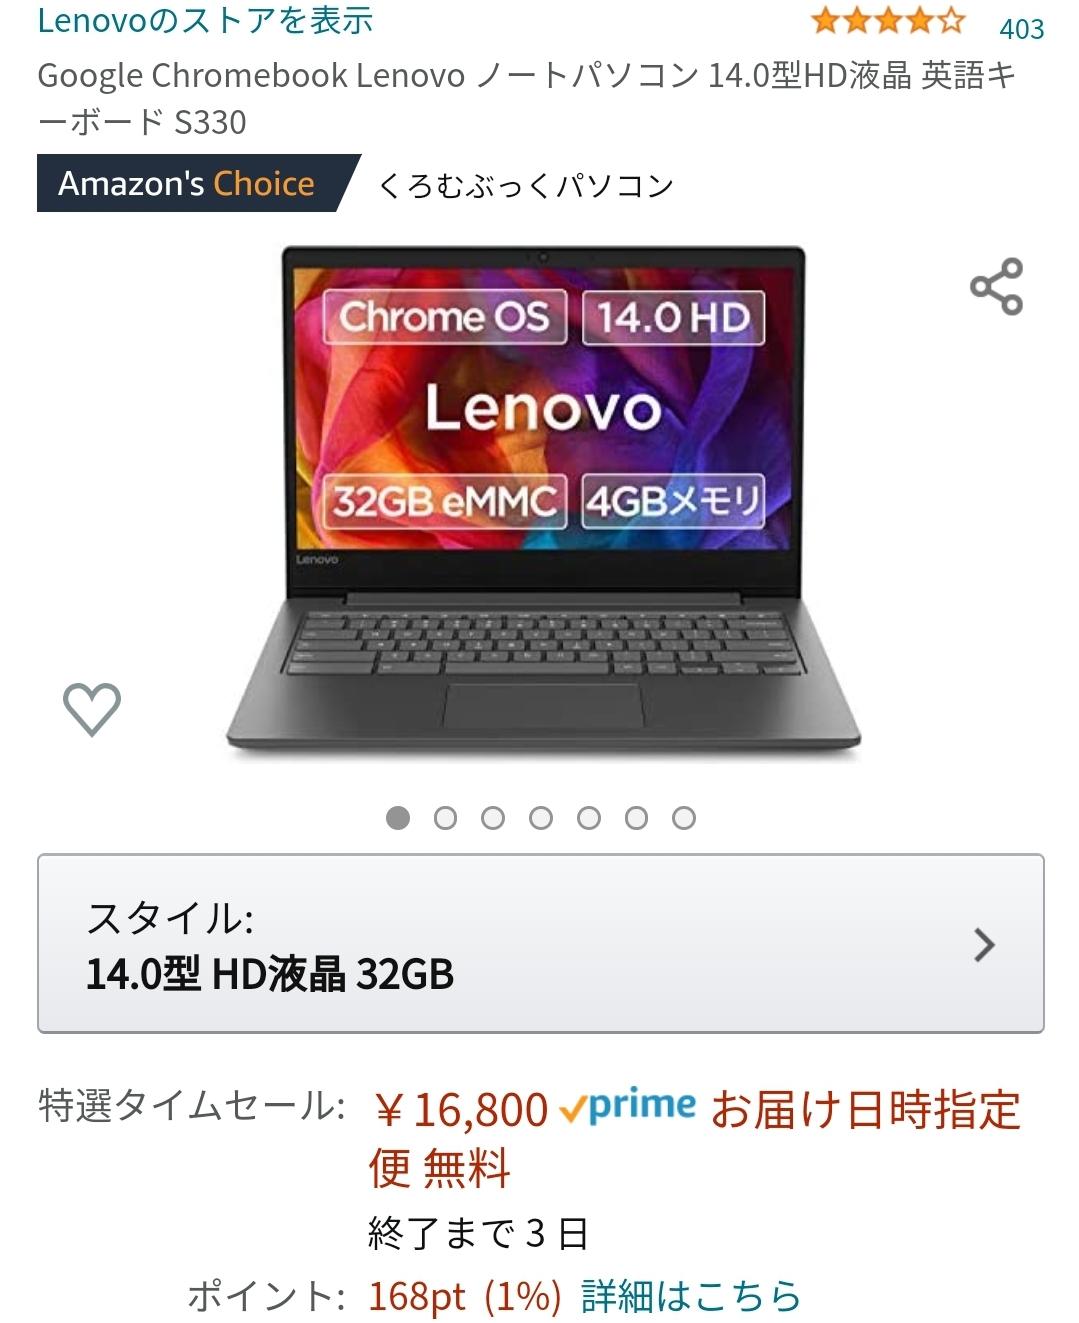 明けましておめでとうございます。2021年、Amazonの初売りが熱い!